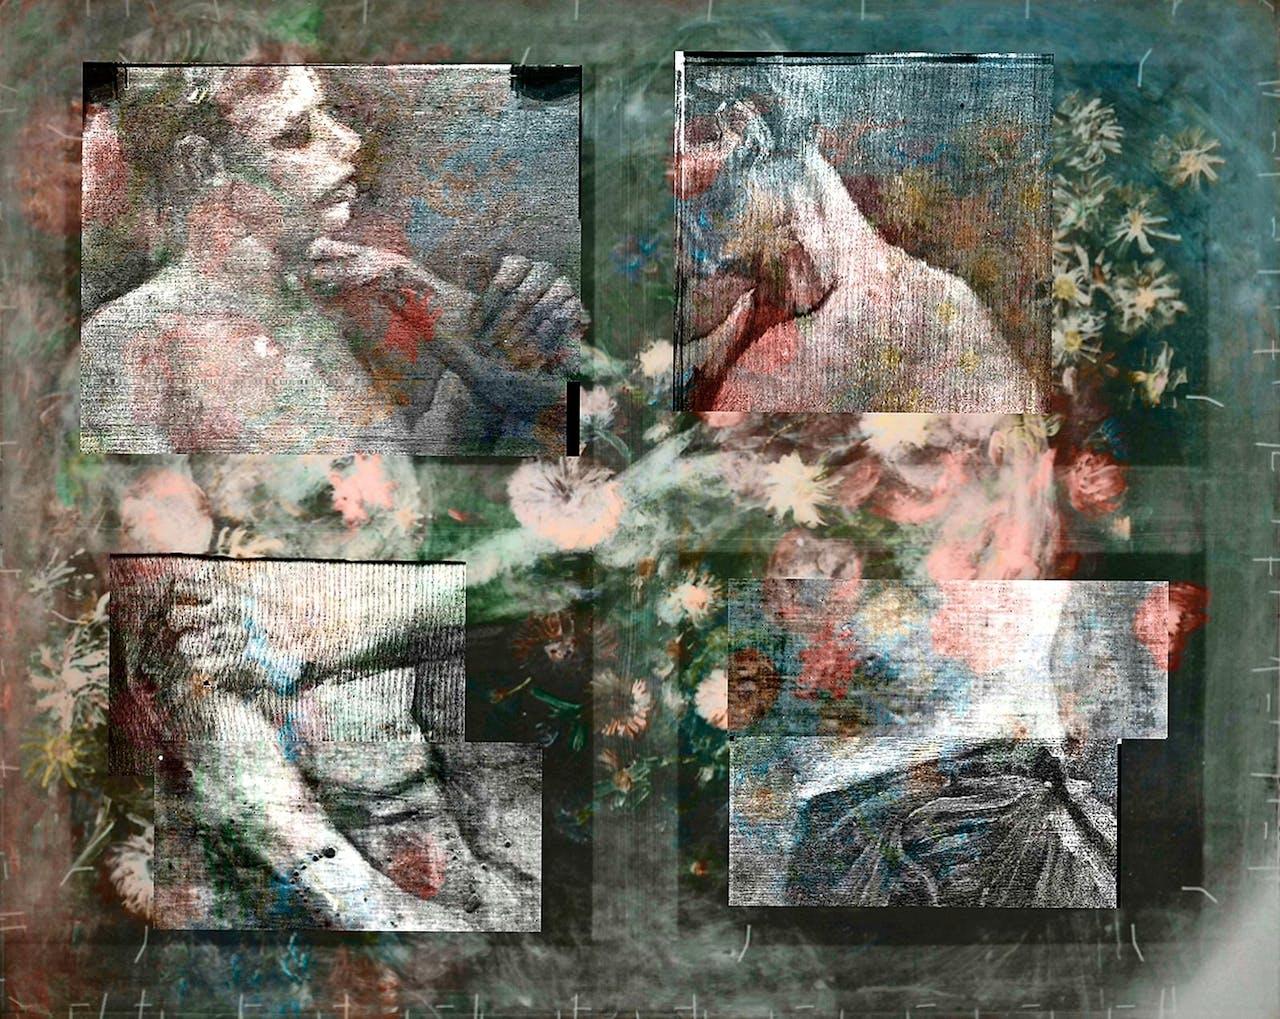 Van Gogh hergebruikte zijn doeken vaak. Voordat hij het boeket over de worstelaars schilderde, kantelde hij het doek een kwartslag.